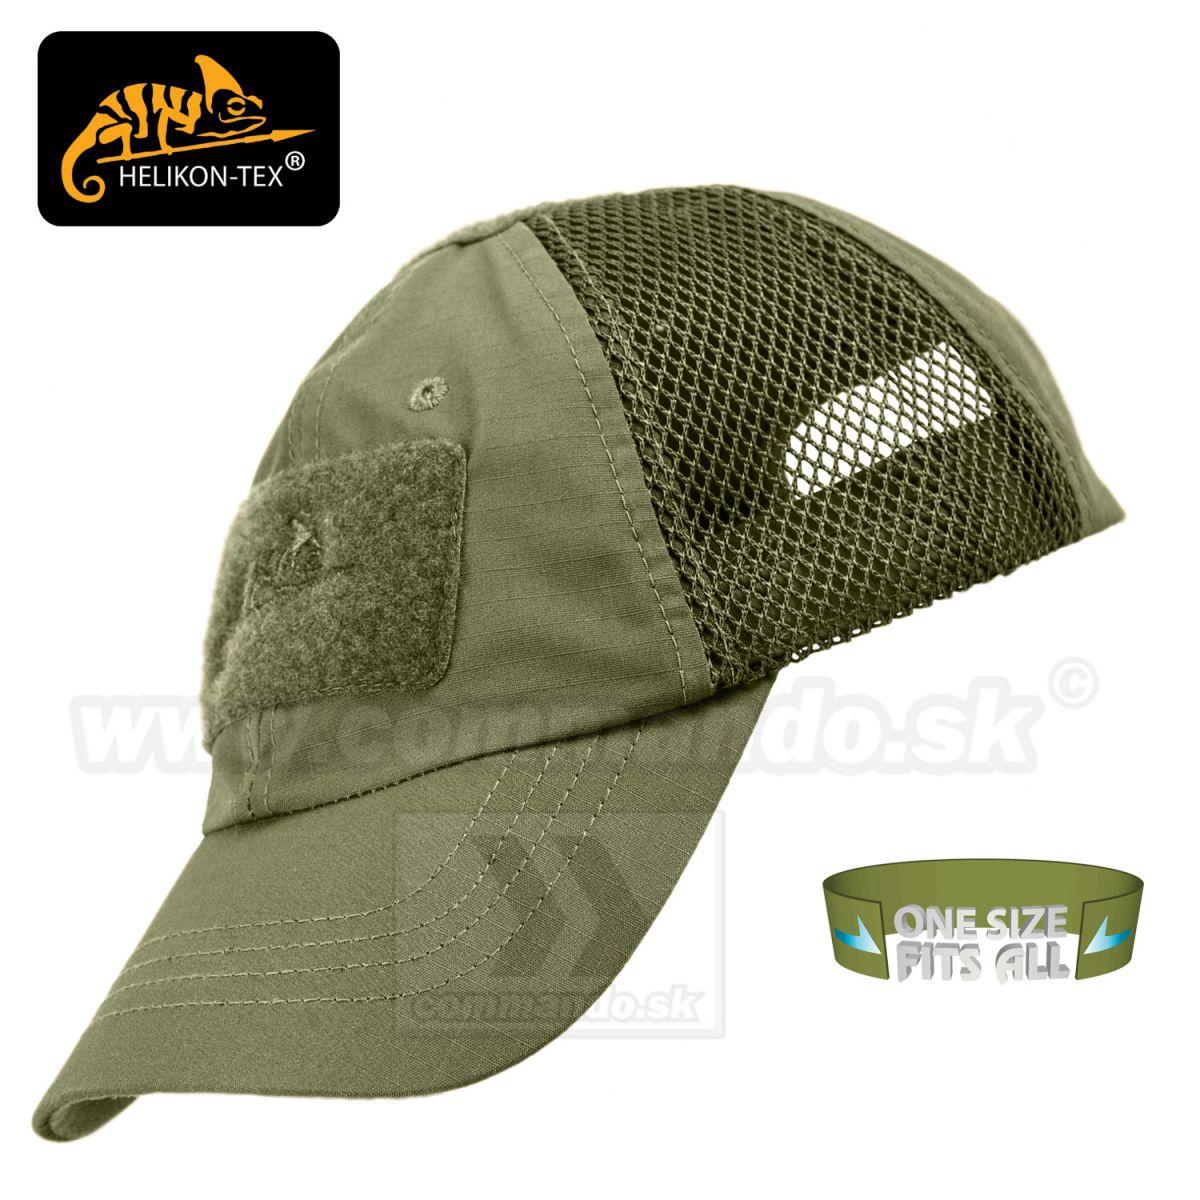 2452bbd07 Helikon Tex Baseball Cap sieťovaná šiltovka čiapka Olive green ...